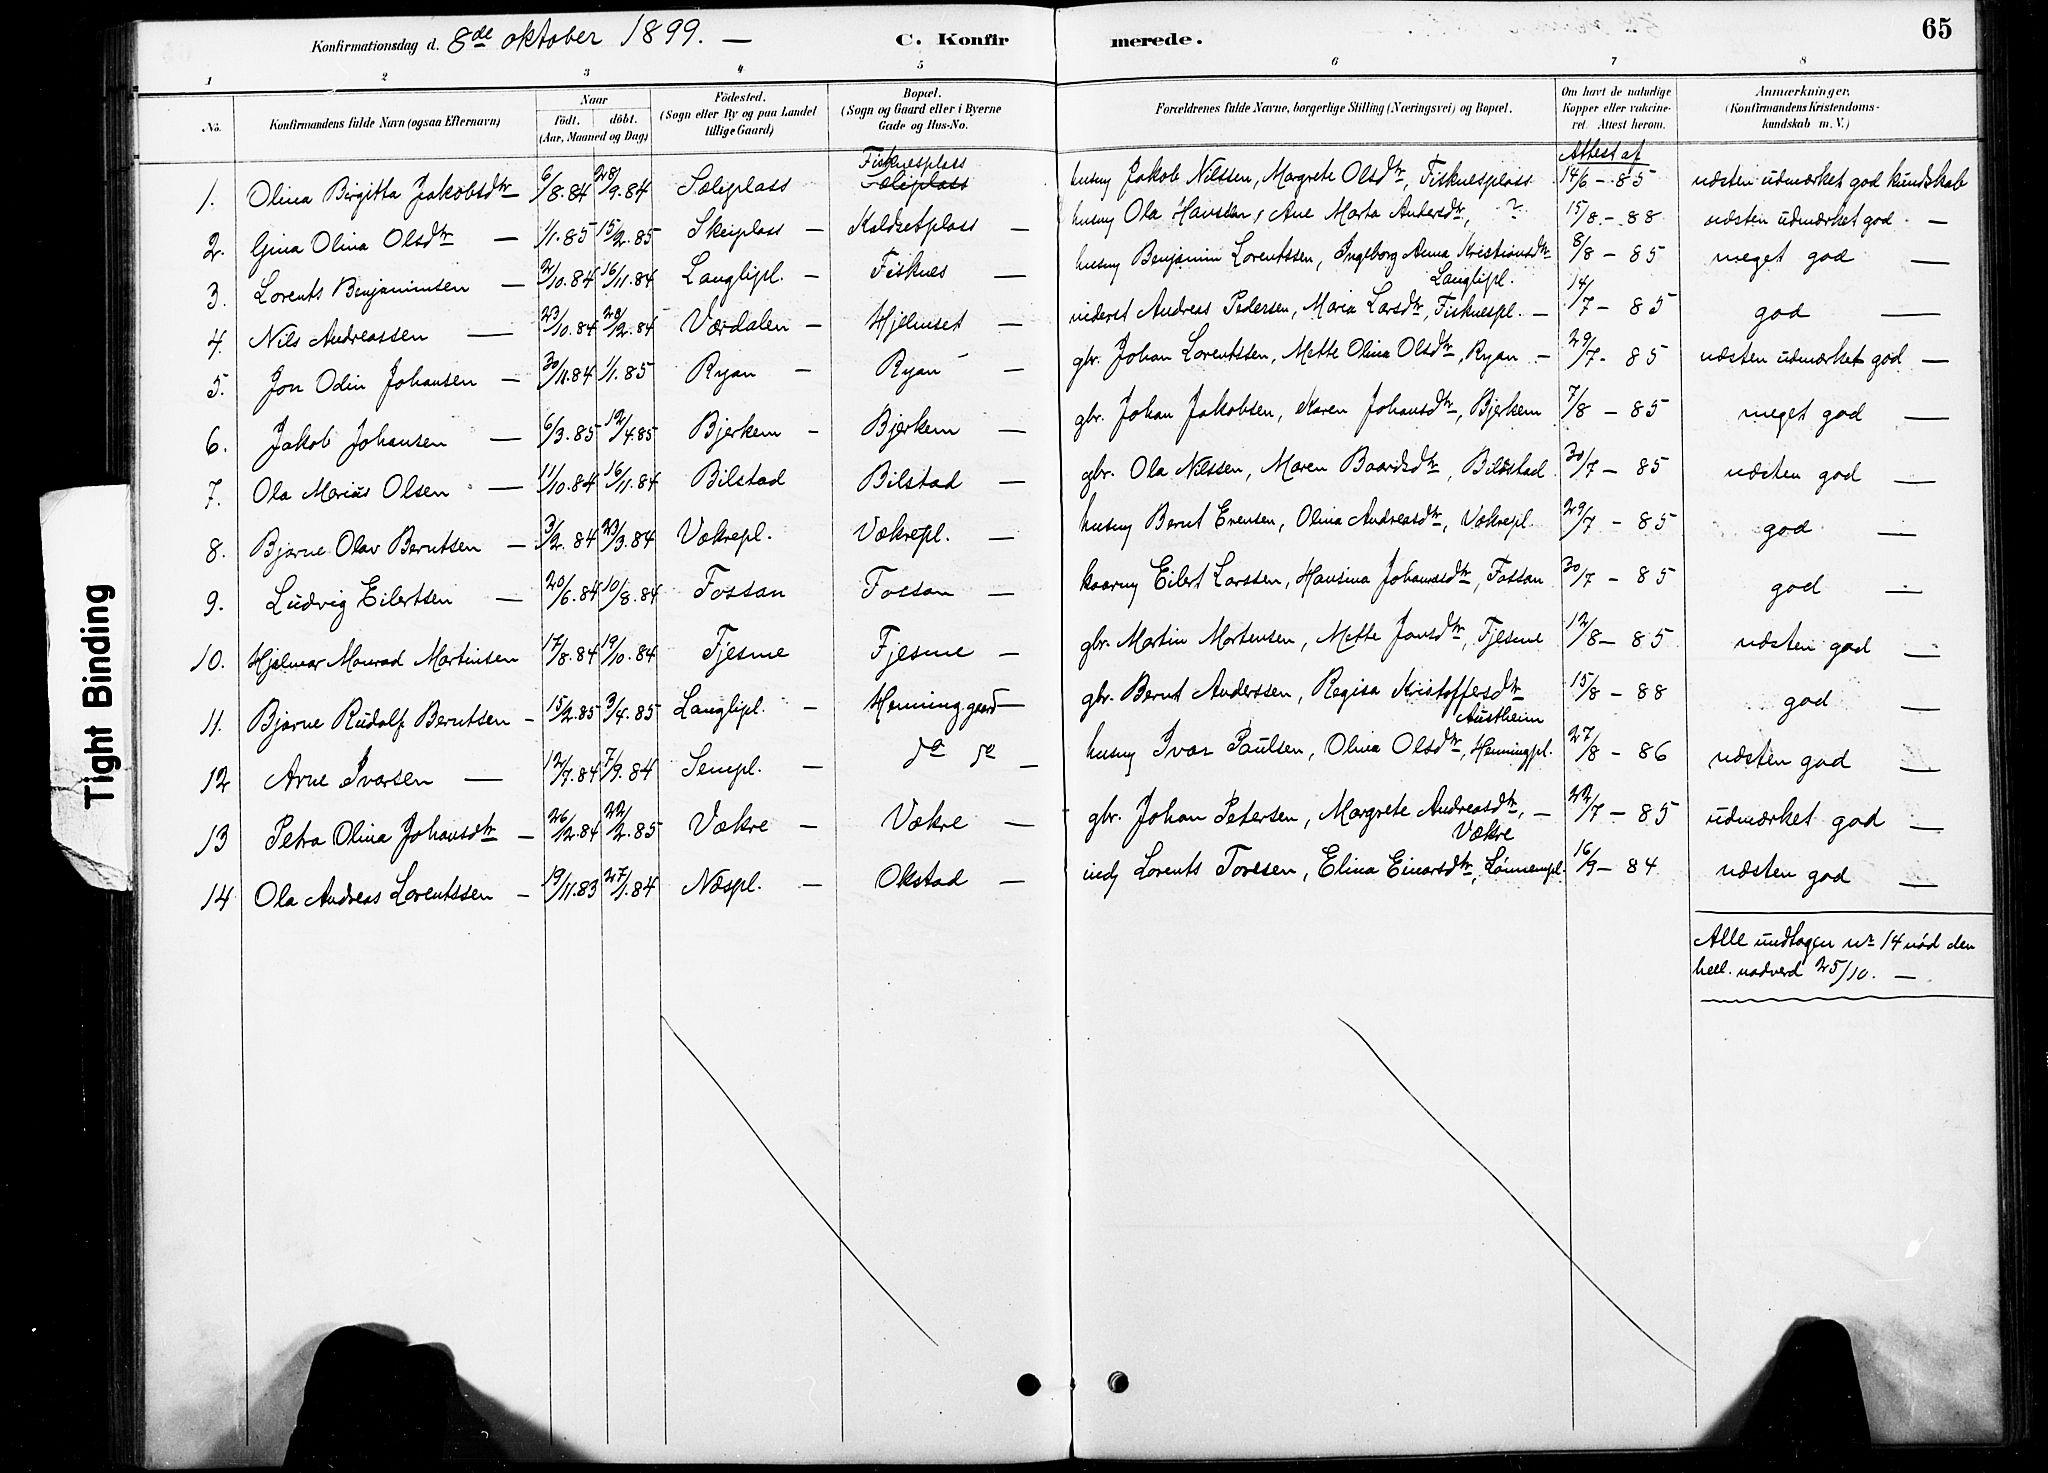 SAT, Ministerialprotokoller, klokkerbøker og fødselsregistre - Nord-Trøndelag, 738/L0364: Ministerialbok nr. 738A01, 1884-1902, s. 65